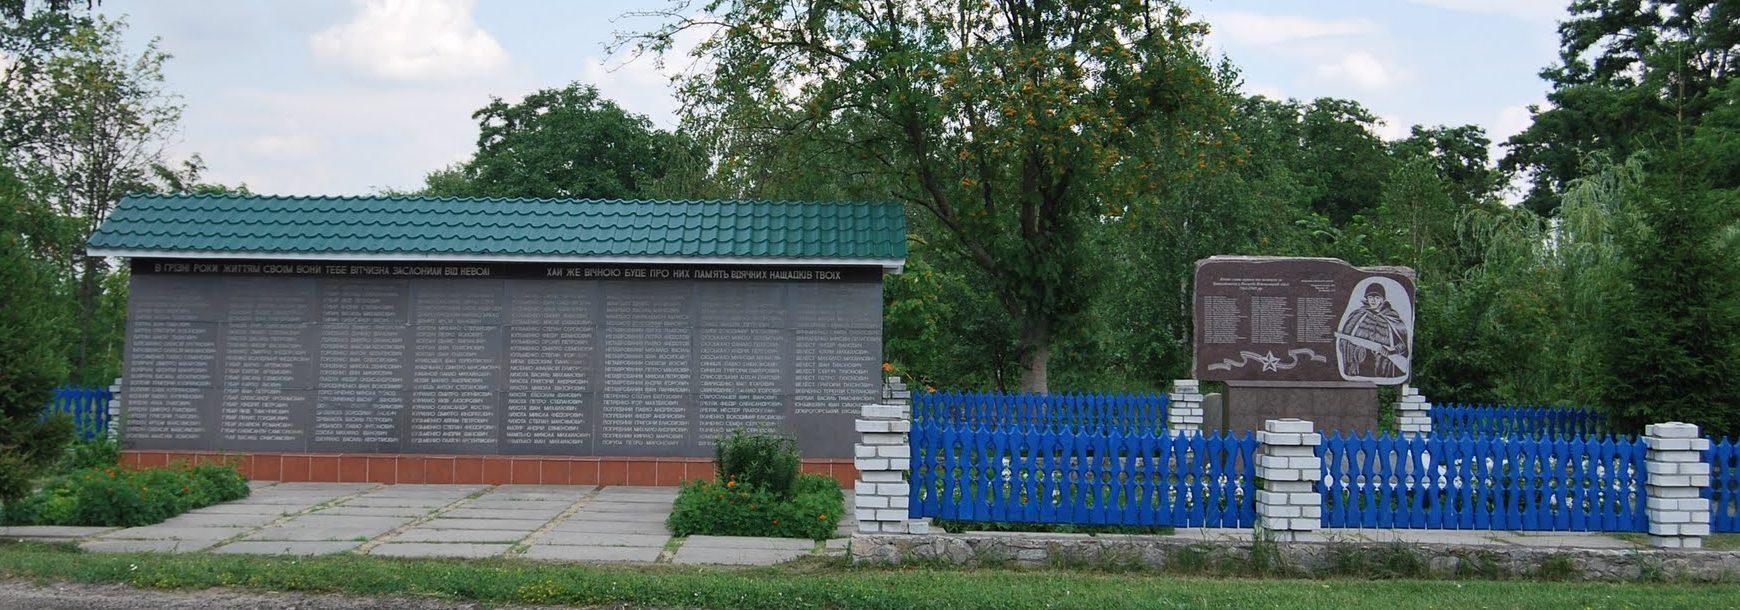 с. Харьковцы Переяслав-Хмельницкого р-на. Памятник, установленный на братской могиле воинов, погибших в годы войны.